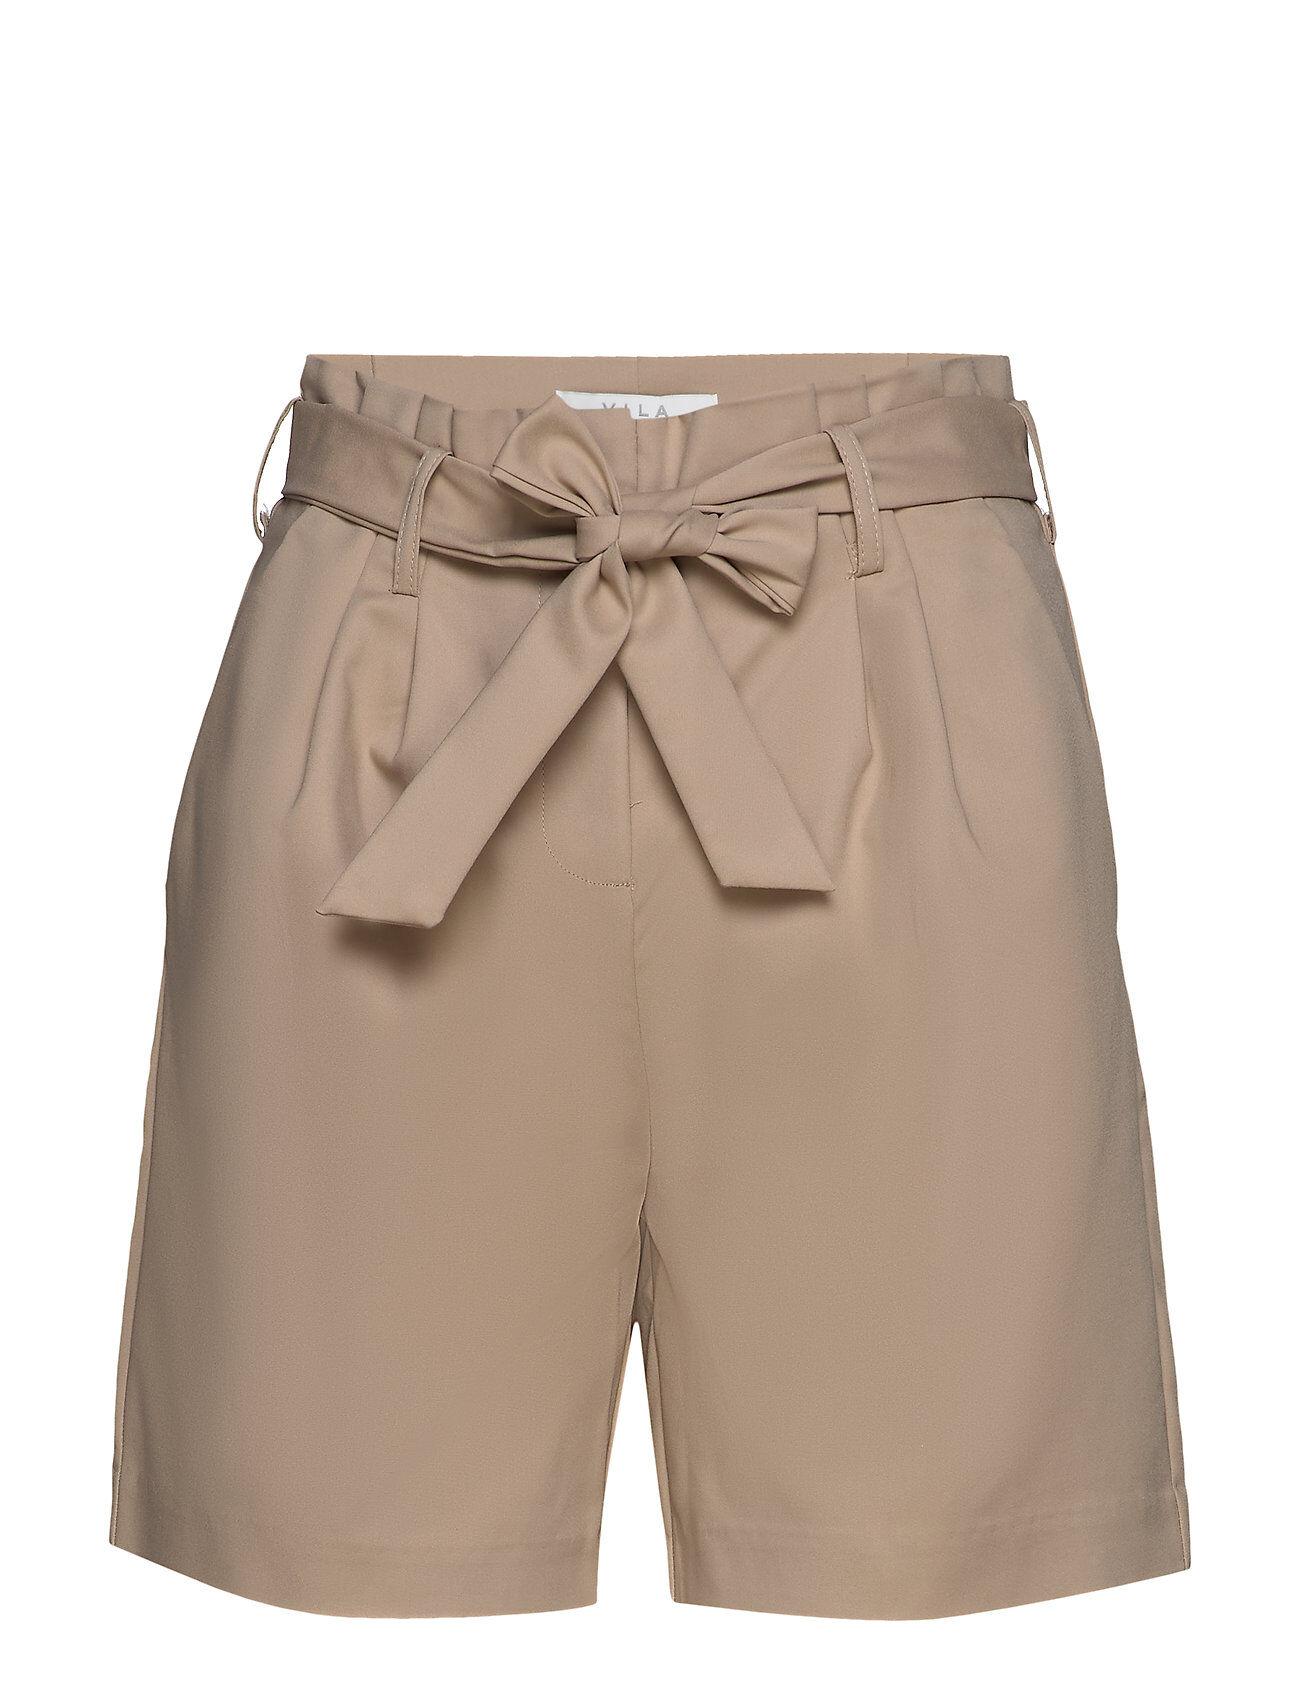 Vila Visofina Hwre Shorts Shorts Paper Bag Shorts Beige Vila